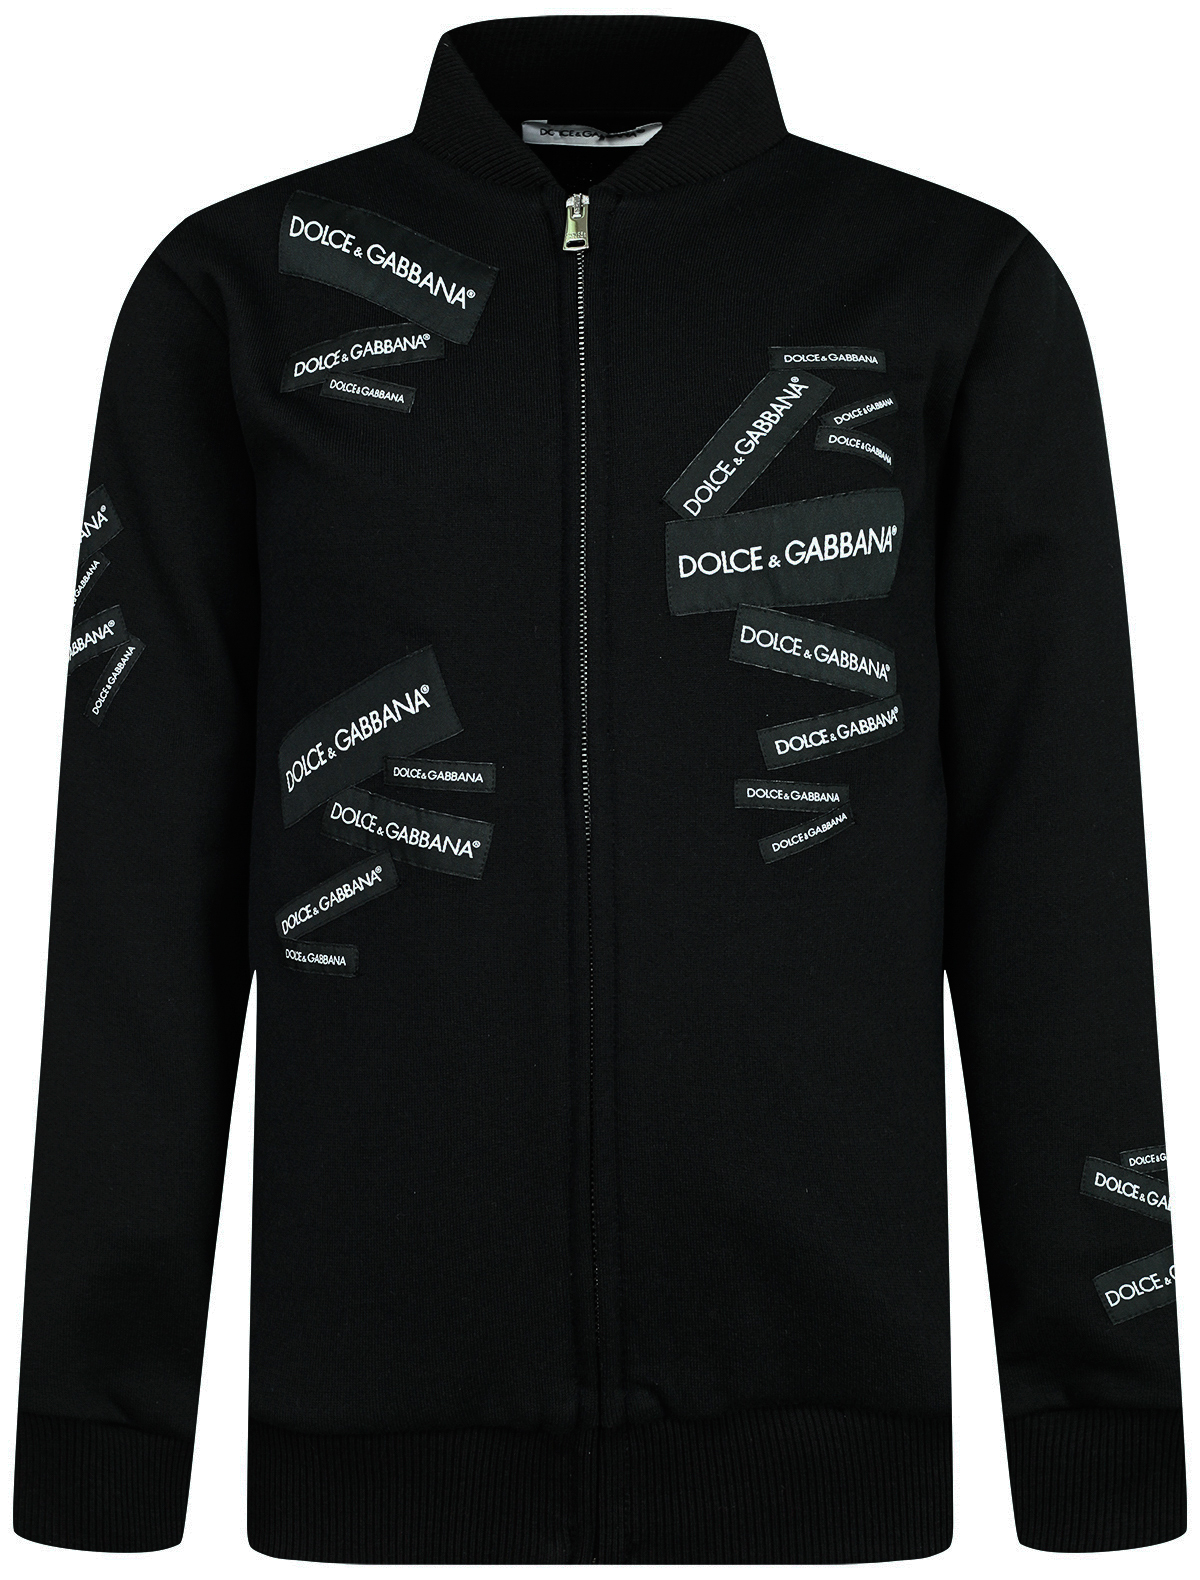 Купить 2002722, Толстовка Dolce & Gabbana, черный, Мужской, 0071119970096